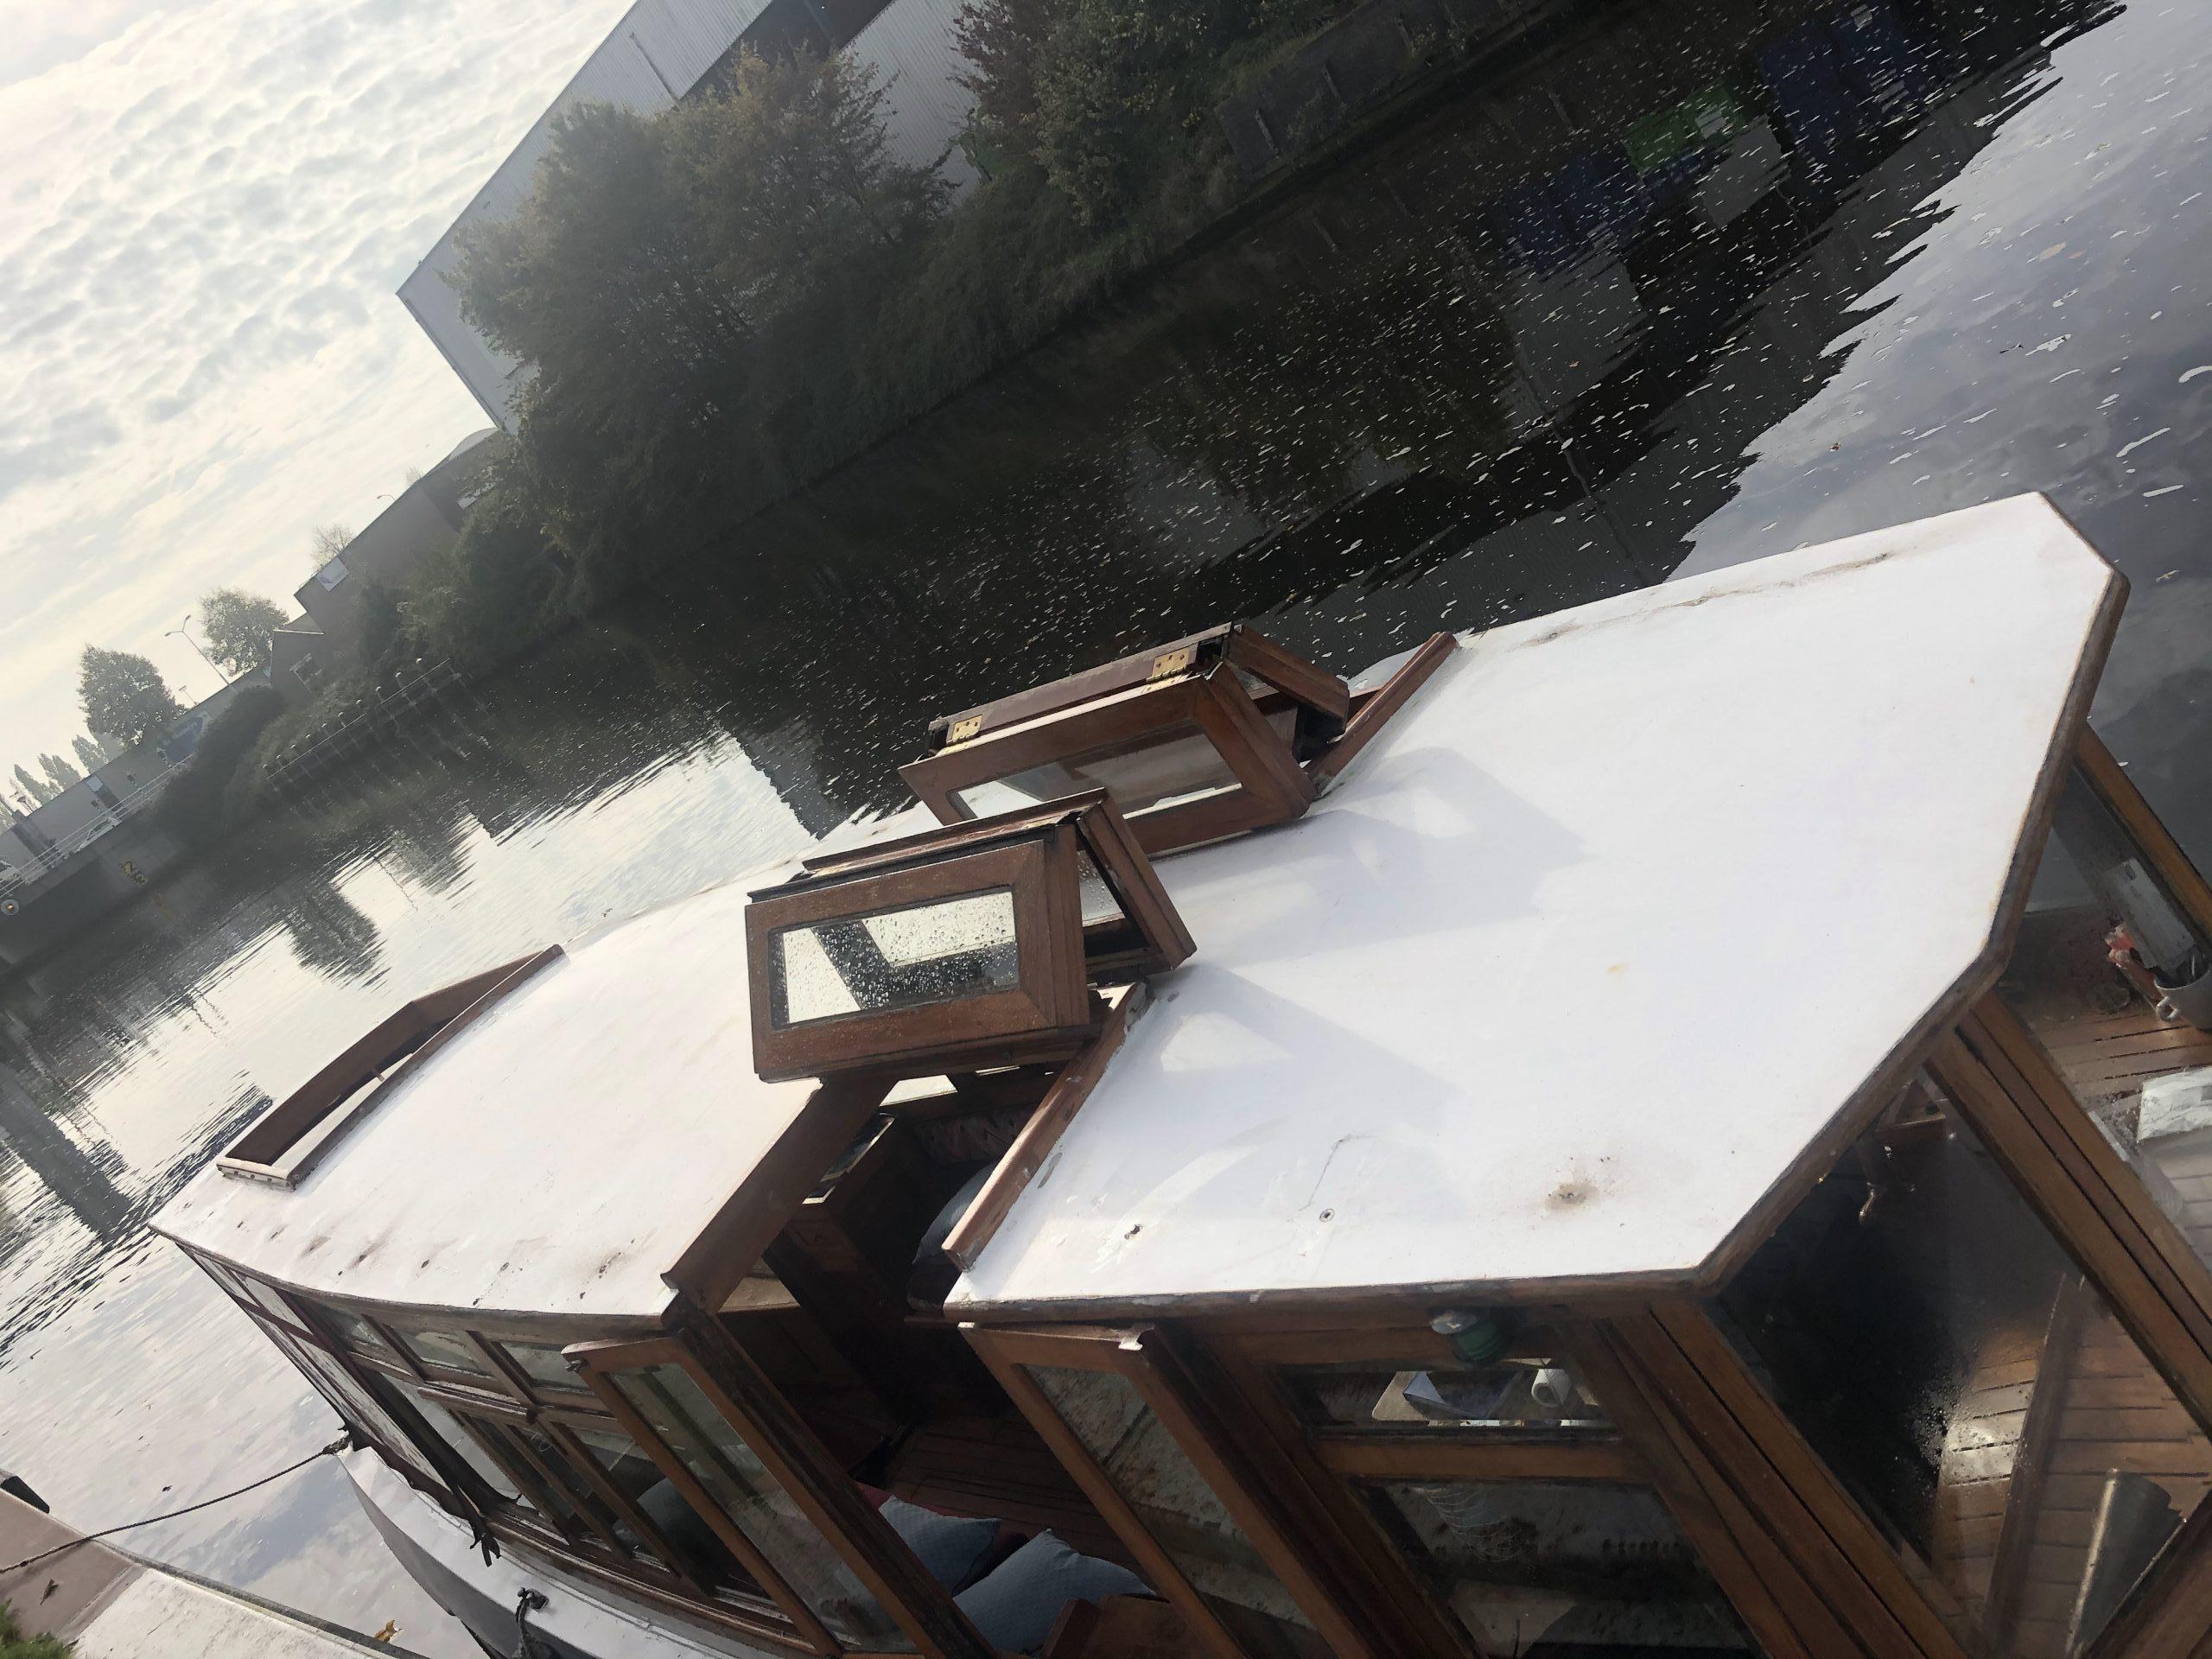 Vervangen handrail salonbootje 'Lelie'